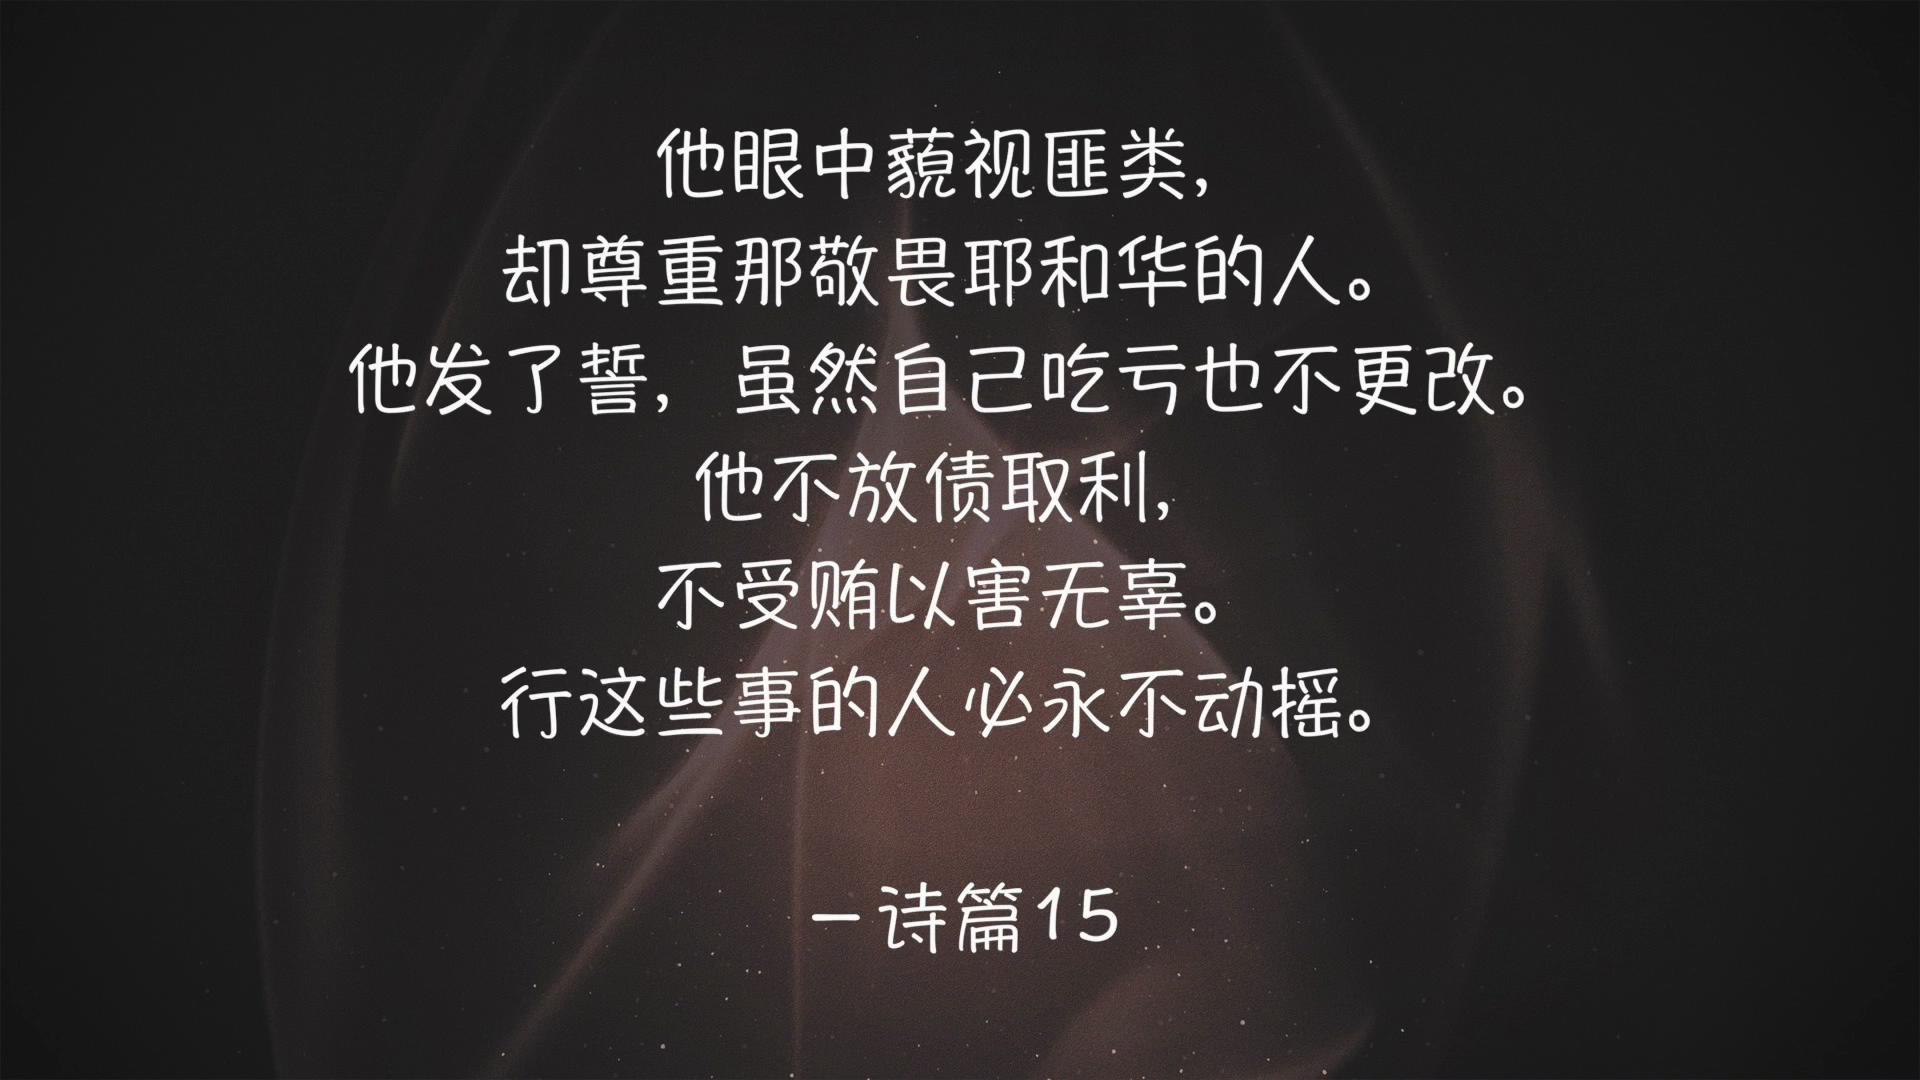 圣经三分钟 诗篇15_20181208213942.JPG